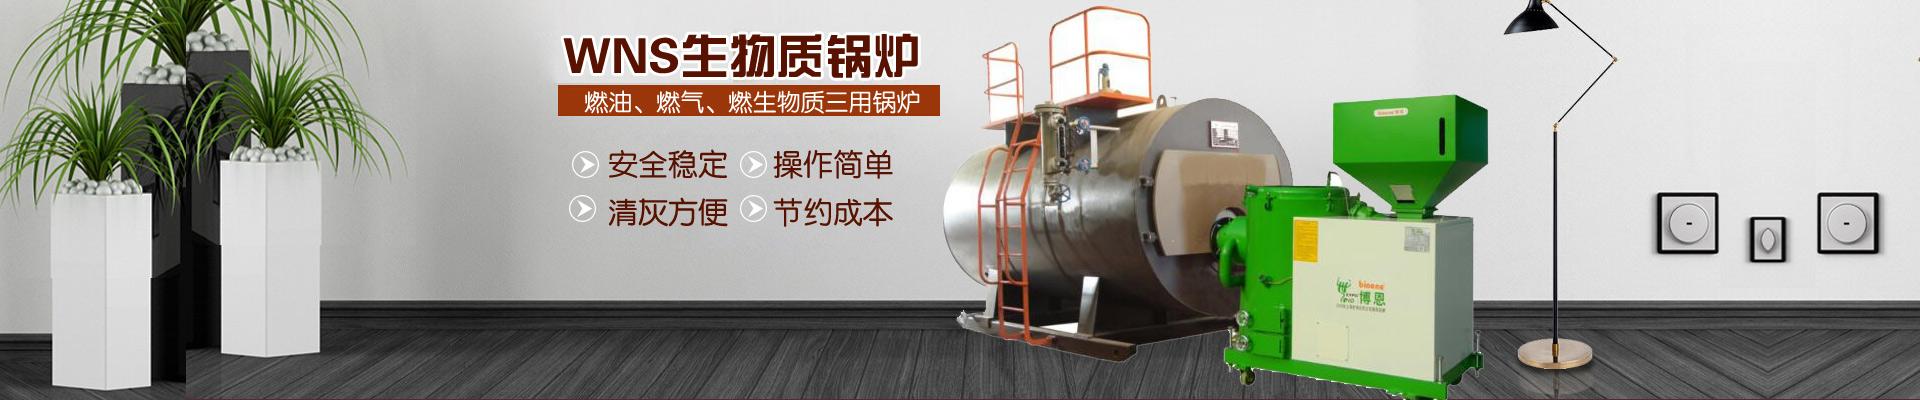 沧州生物质燃烧机全数控设备厂家直销18003263846杜经理